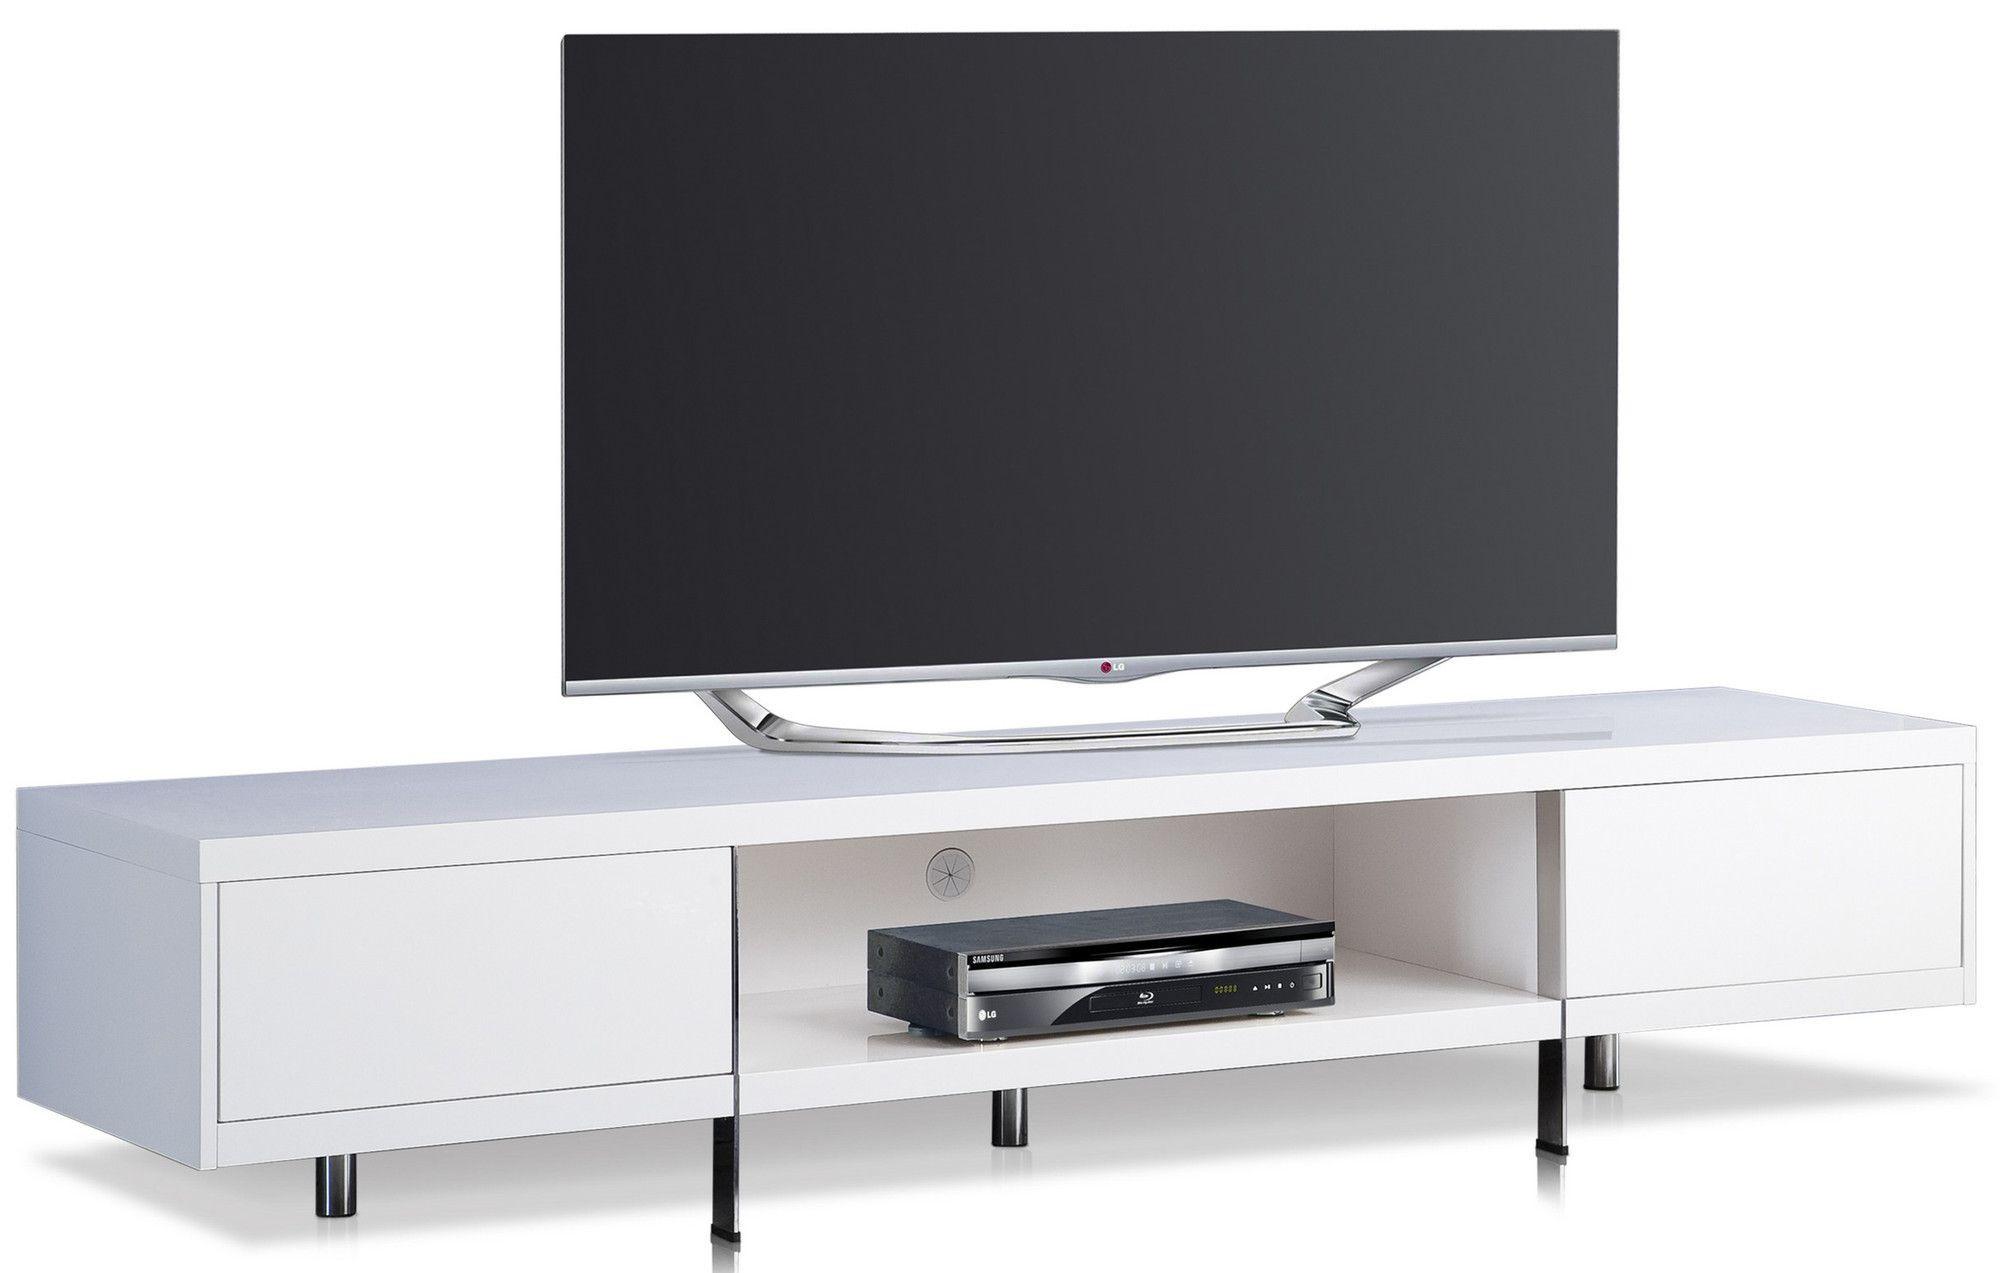 Meuble Tv Toscane Conforama – Gamboahinestrosa destiné Meuble Tv 300 Cm Conforama